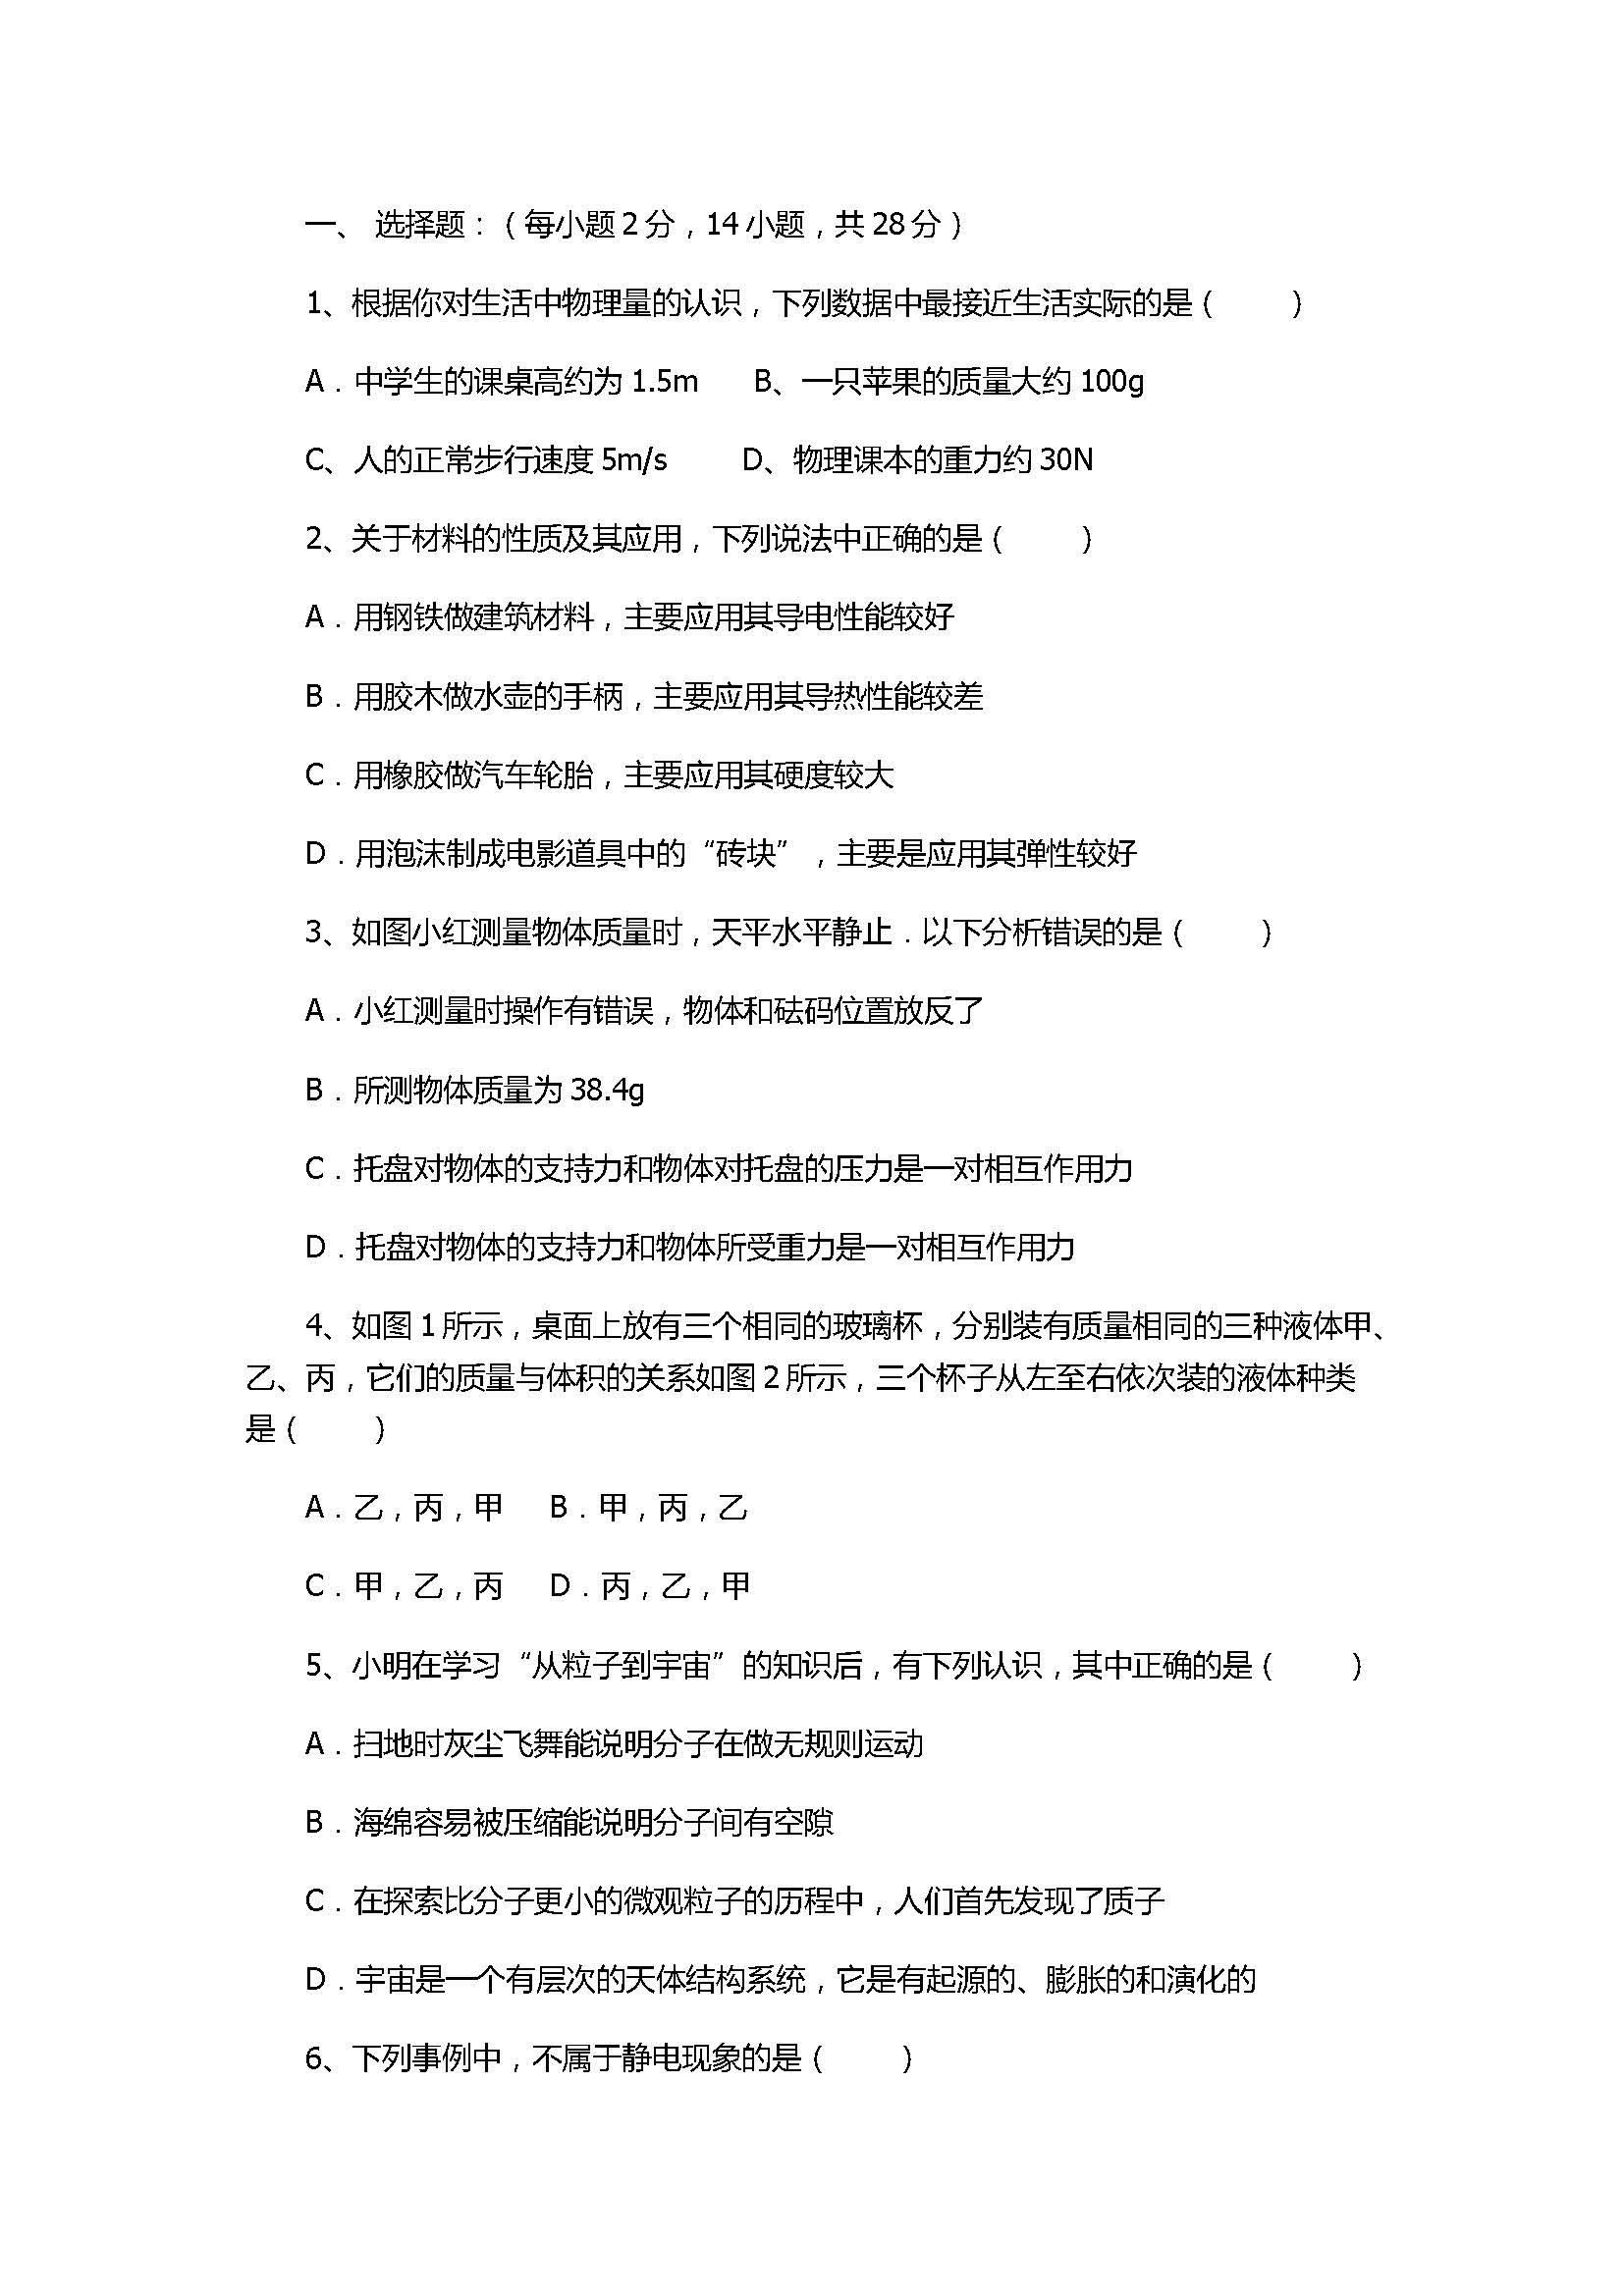 2017八年级物理下册期中试题带参考答案(东台市)